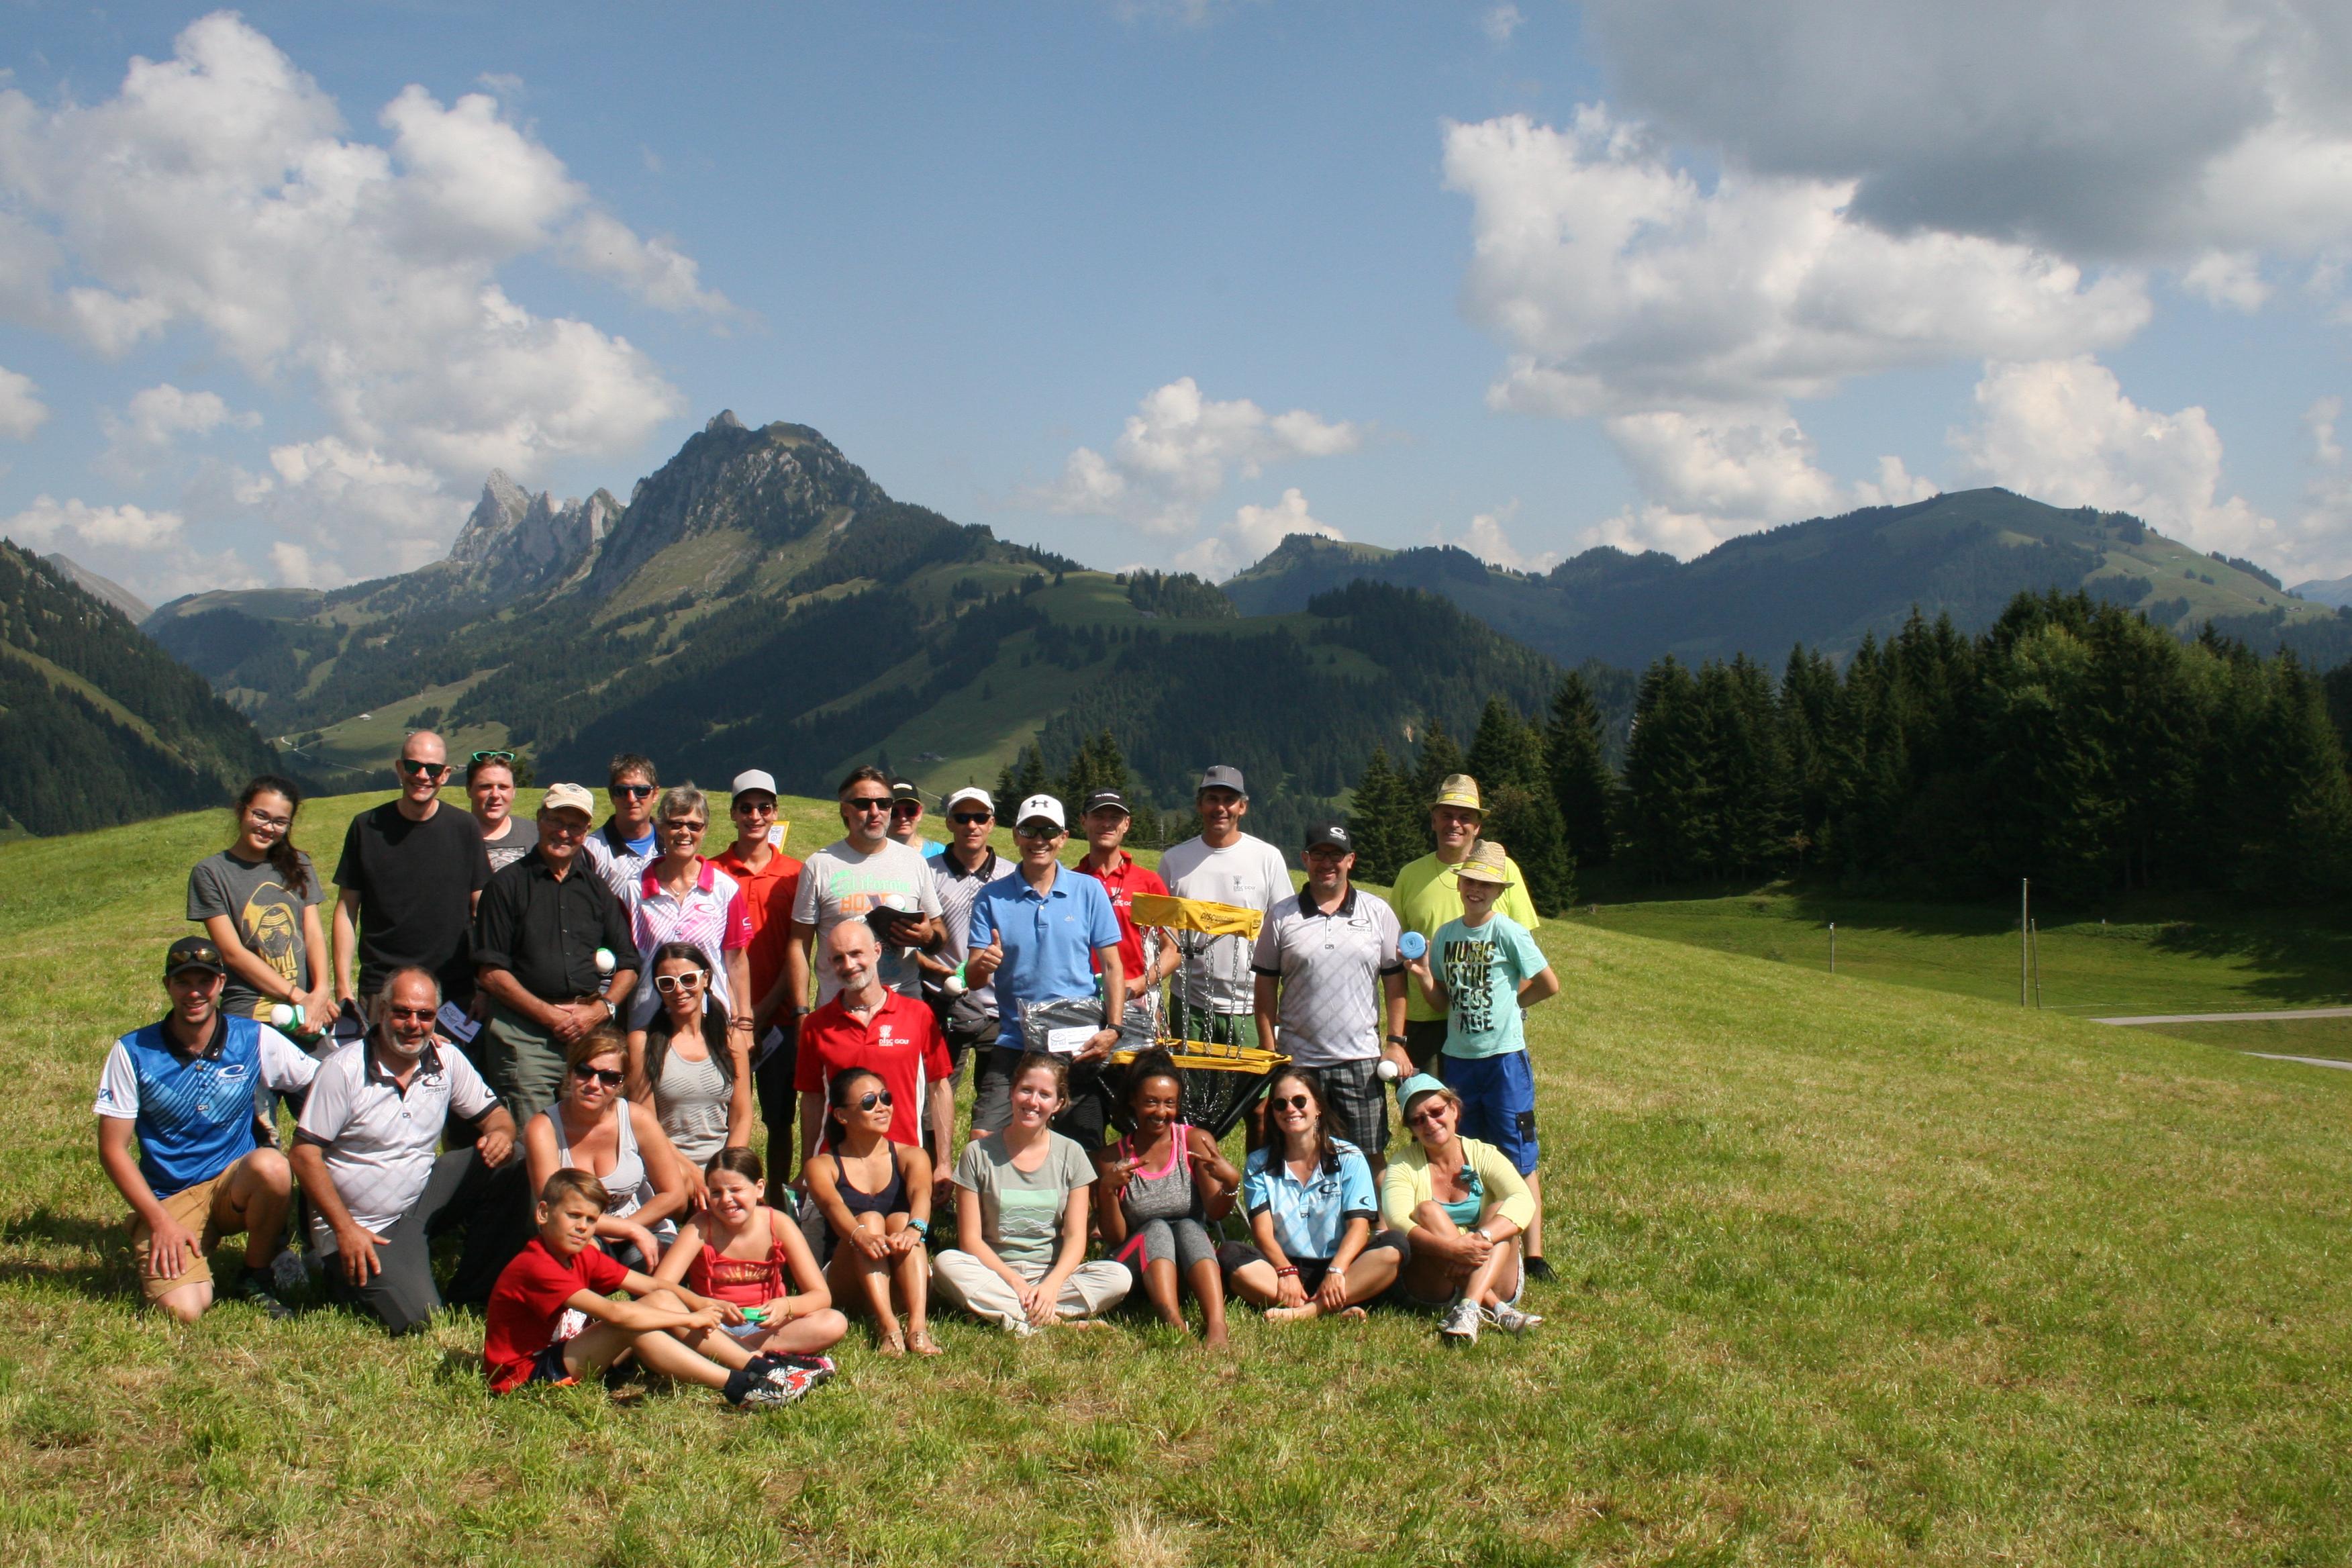 Les participants au tournoi